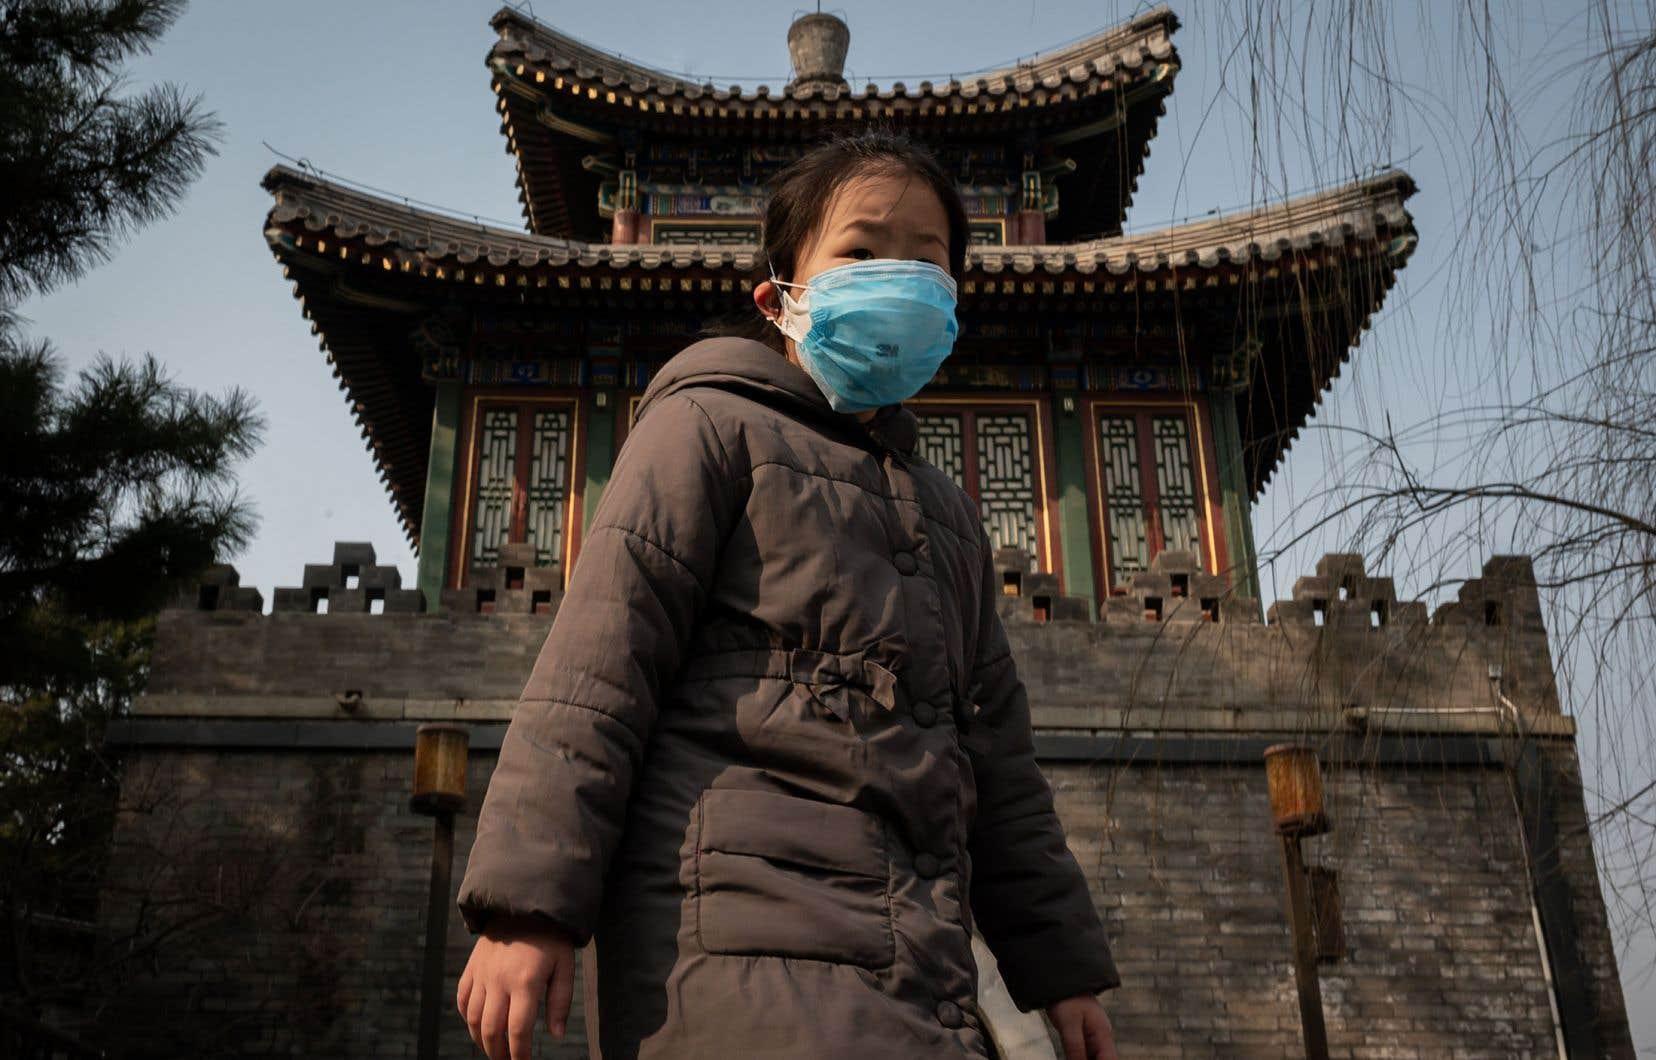 <p>L'expérience de l'Italie et de l'Espagne, où le nombre de morts atteint des sommets, fait également douter des statistiques chinoises, a rapporté Bloomberg.</p>